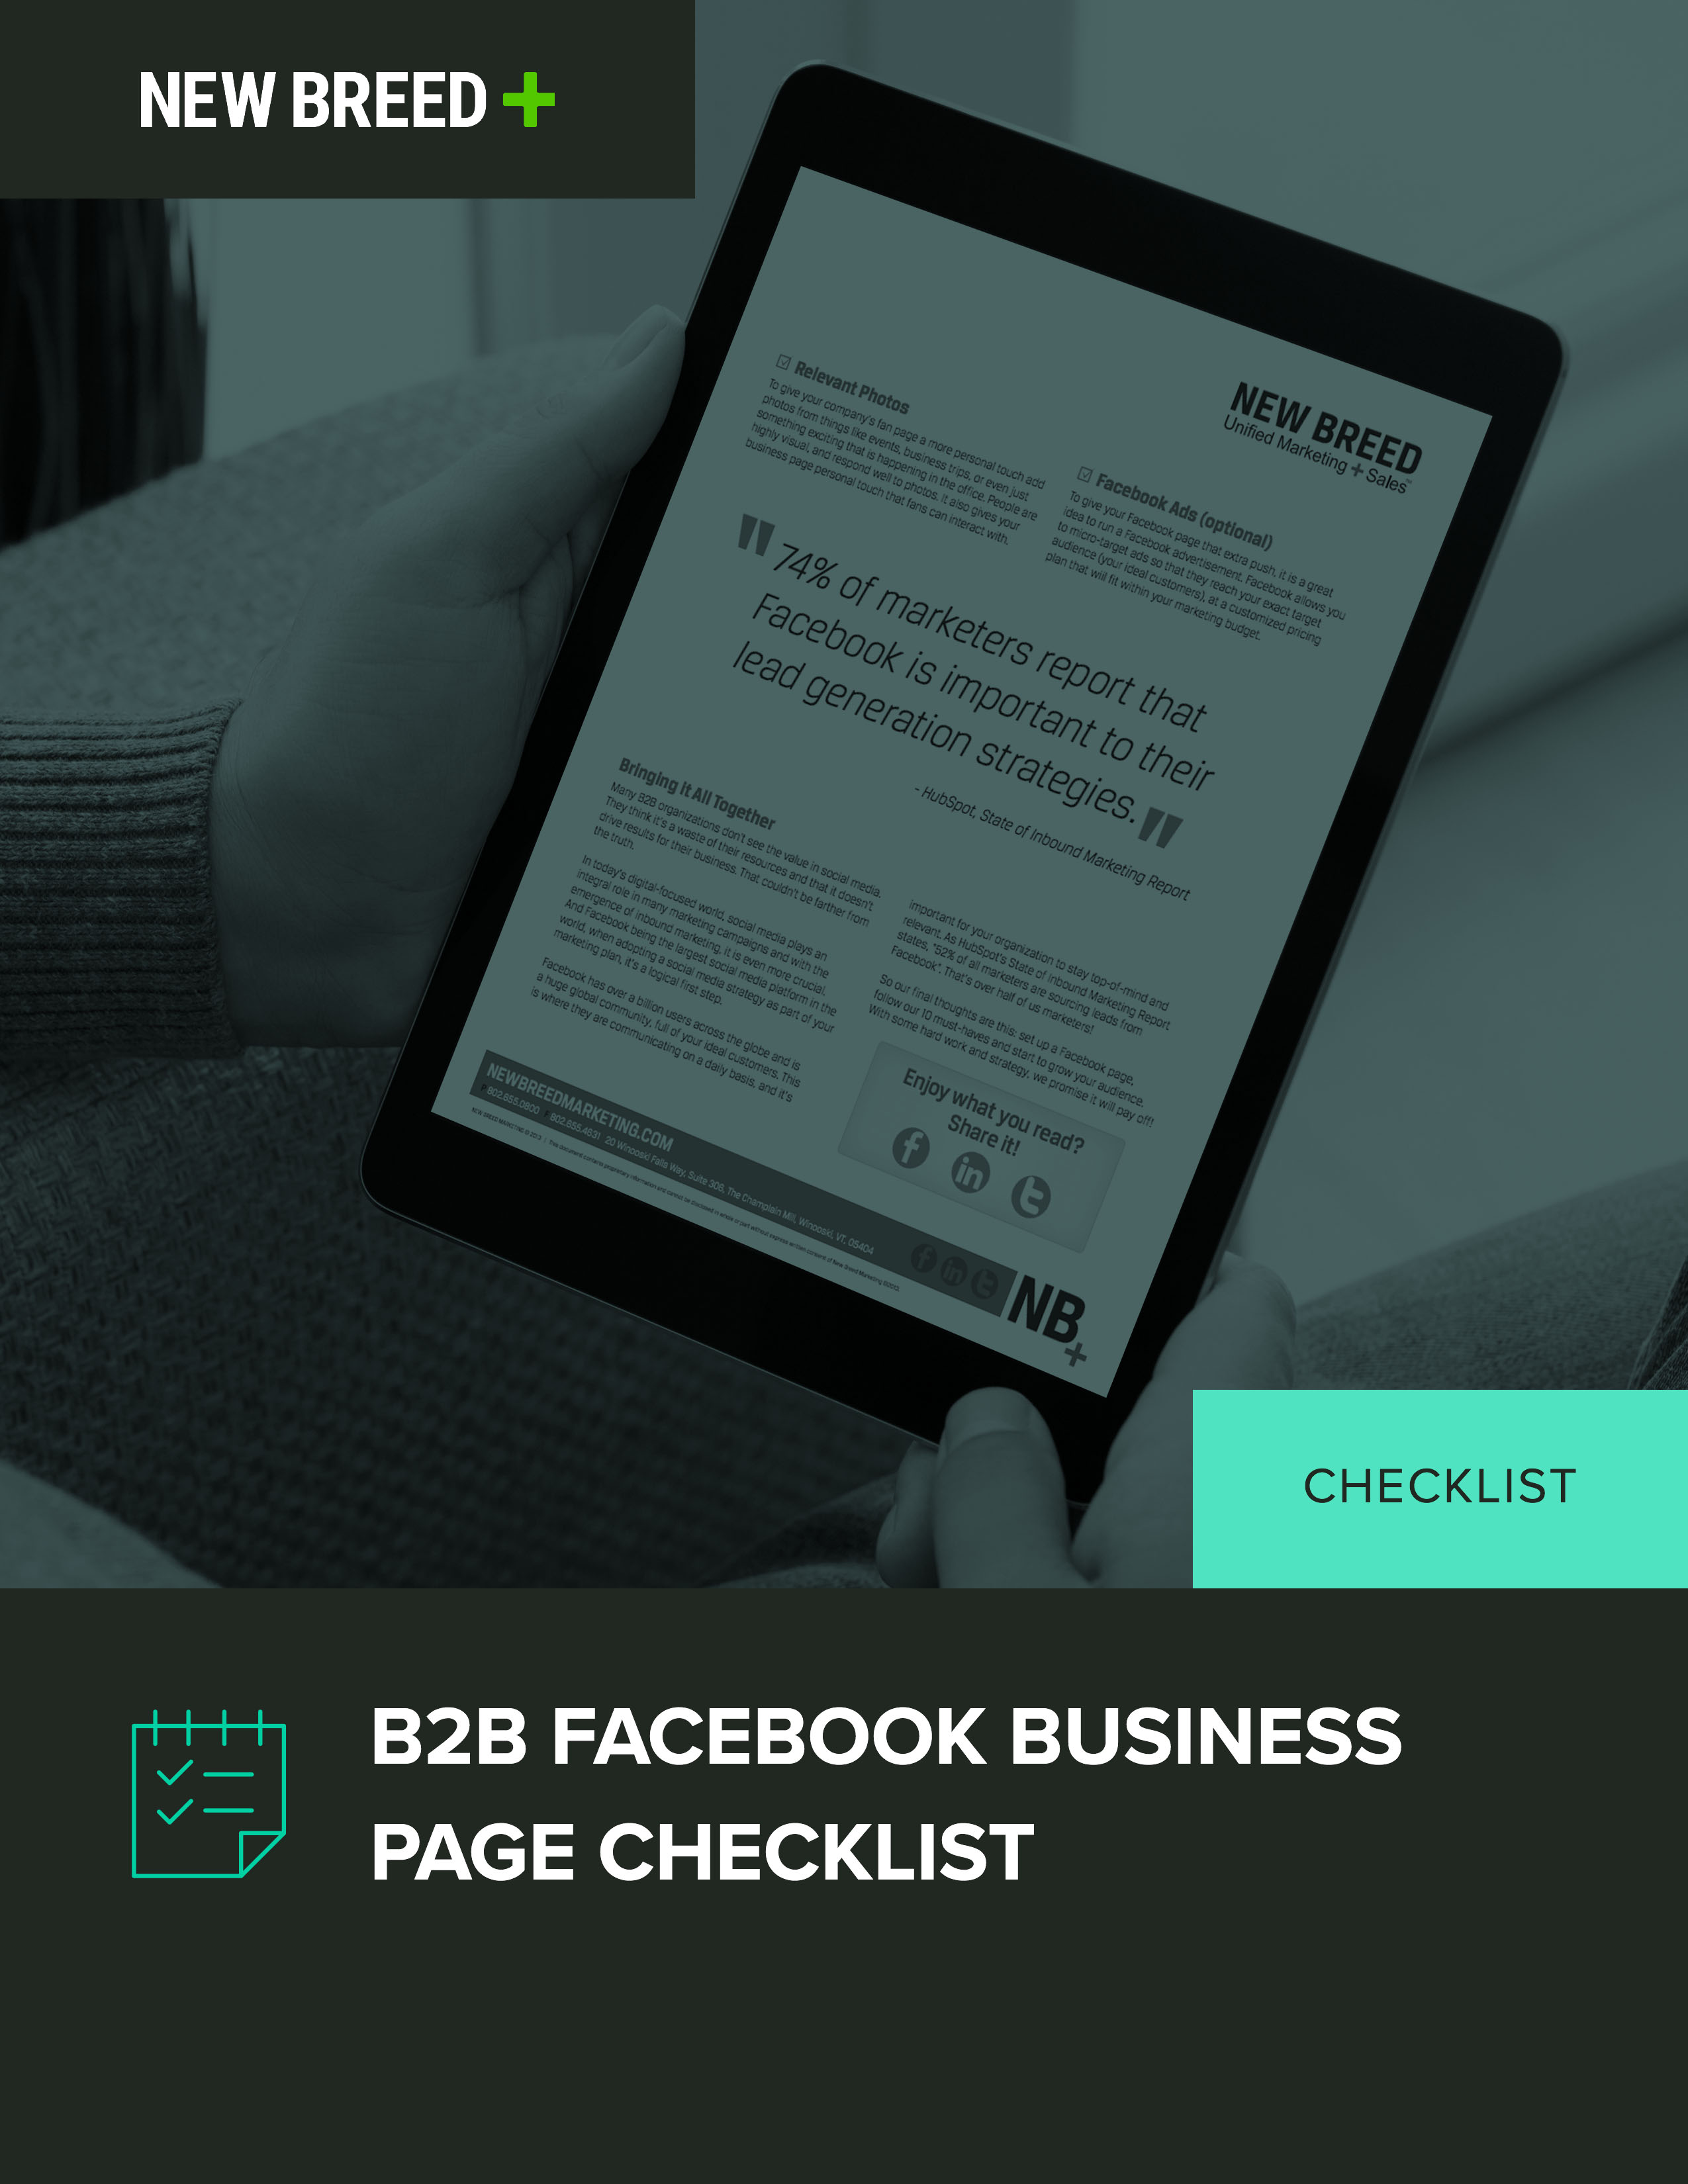 B2B Facebook Business Page Checklist.jpg